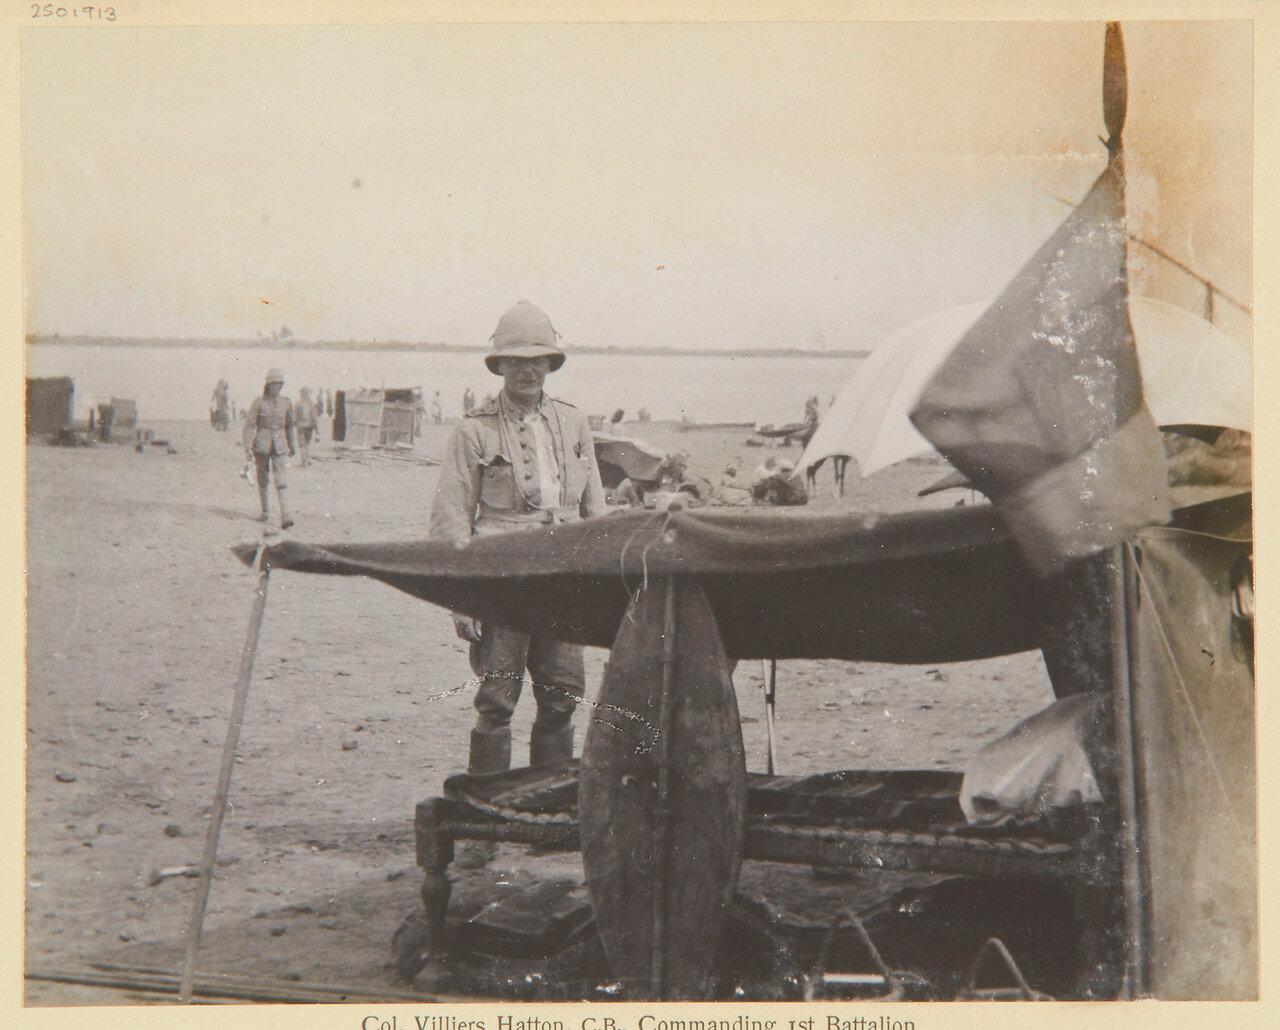 Полковник Вилье Хаттон (1852-1914), командир 1-й батальона гвардейского гренадерского полка